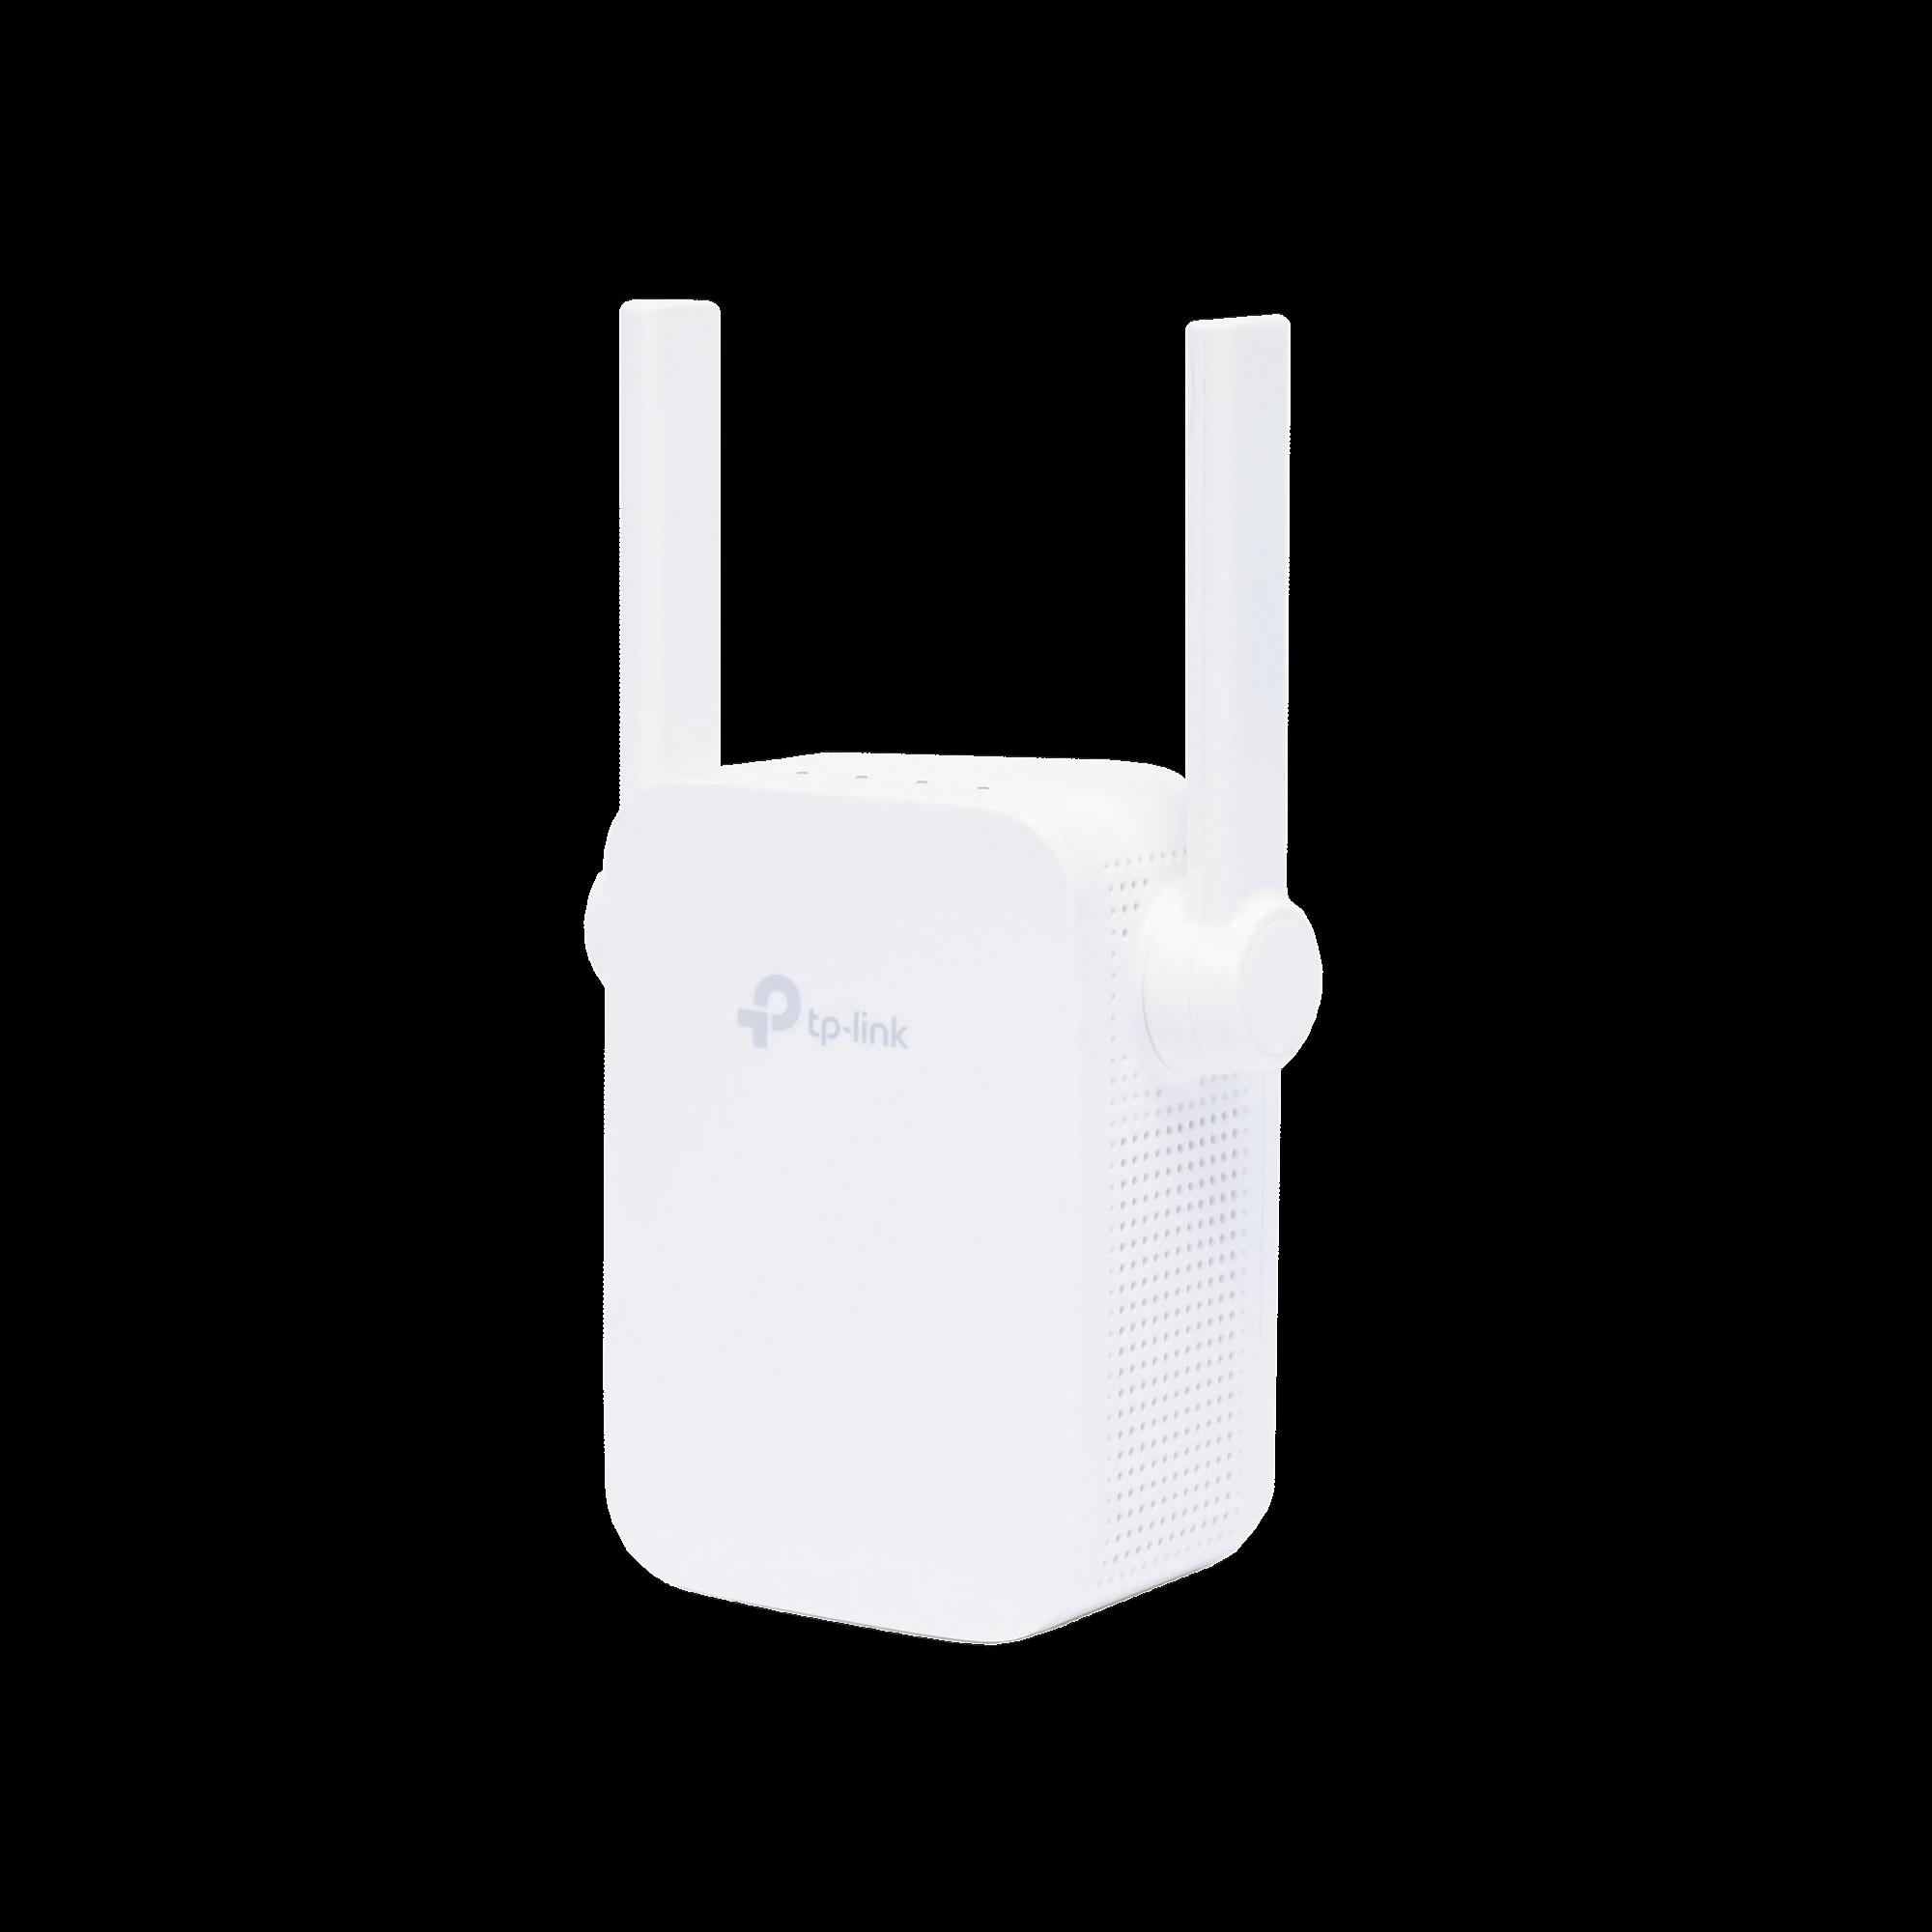 Repetidor / Extensor de Cobertura WiFi AC, 750 Mbps, doble banda 2.4 GHz y 5 GHz, con 1 puerto 10/100 Mbps con 2 antenas externas